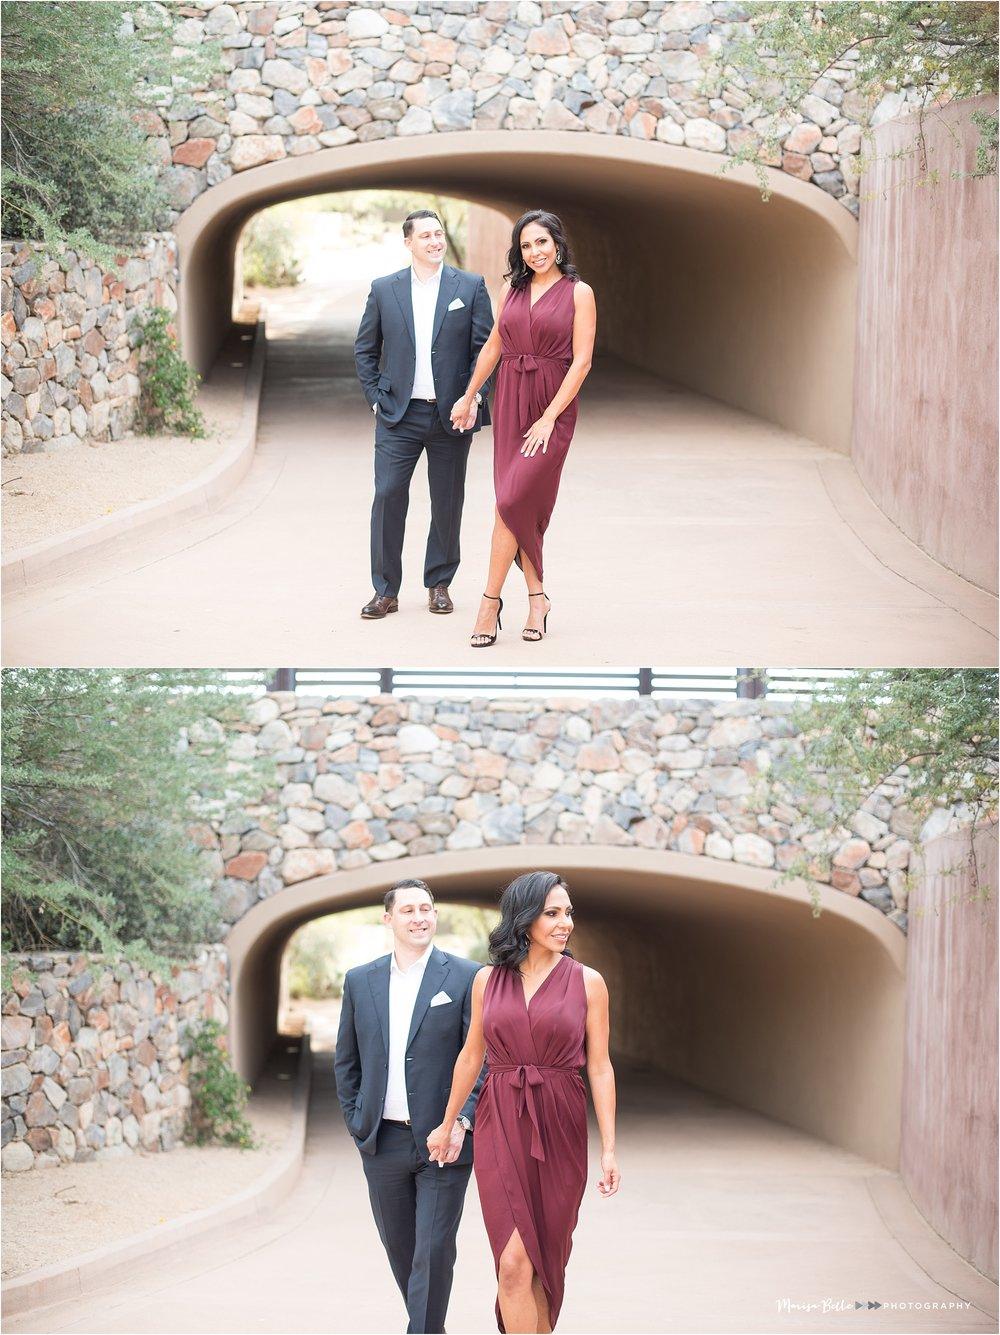 Arizona   Phoenix Engagement and Wedding Photographer   www.marisabellephotography.com-4.jpg